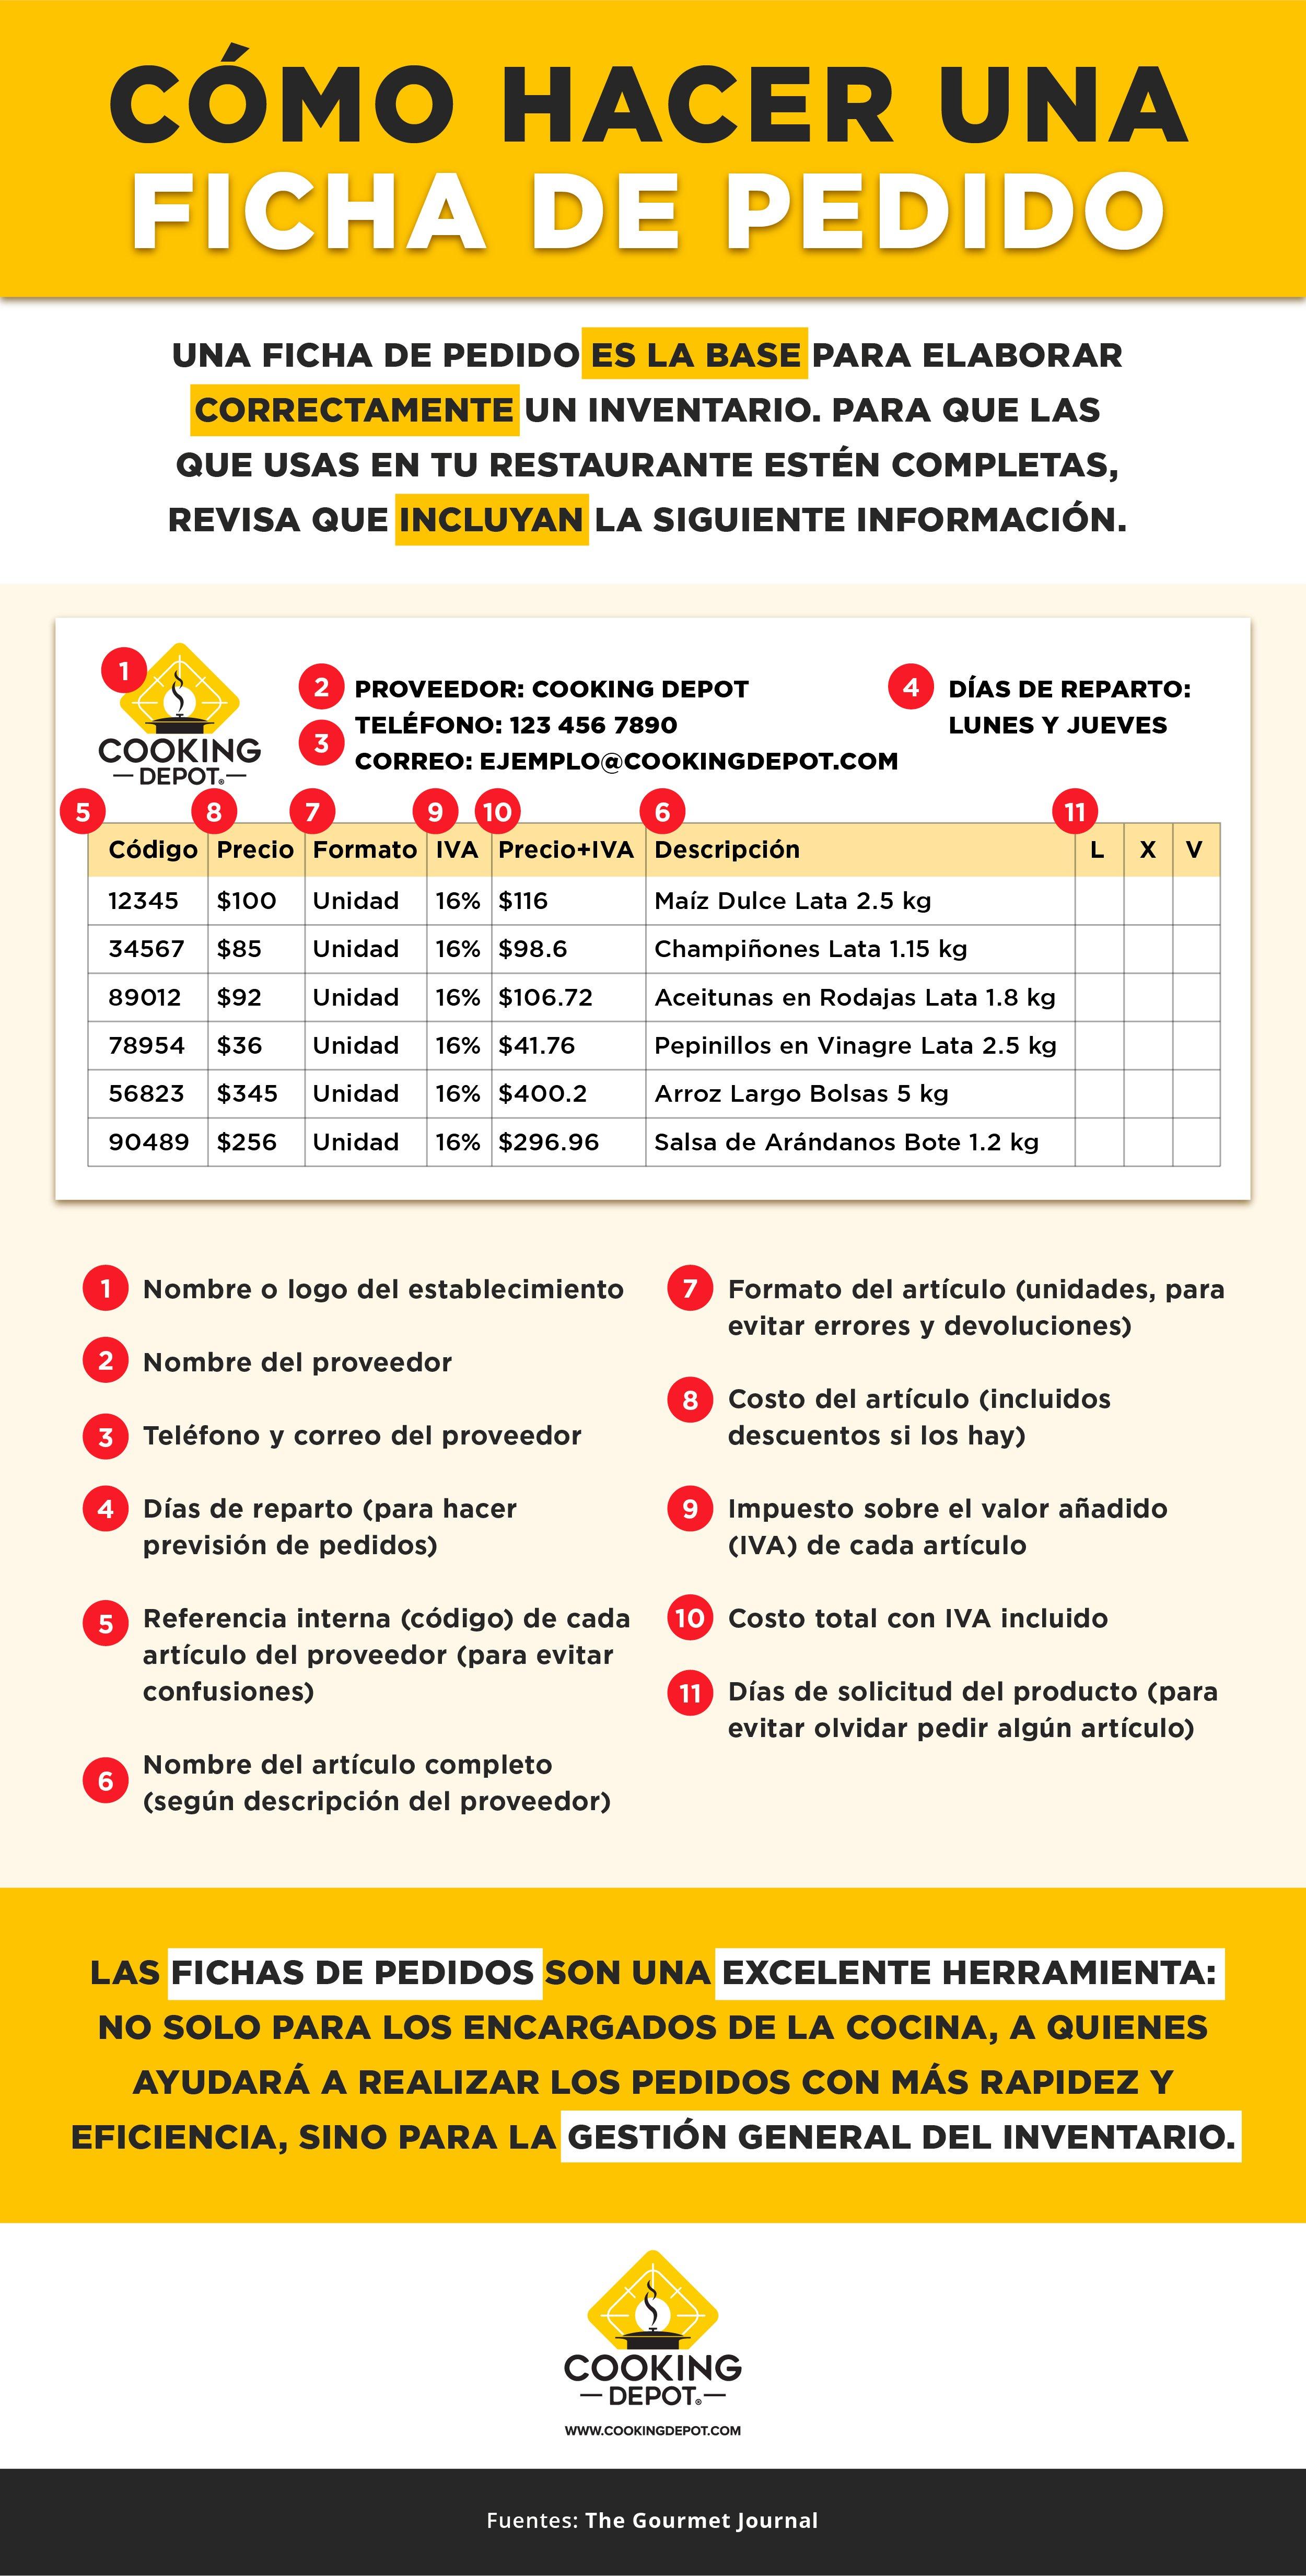 CD-S17INFOB4 BLOG 4 Qué debe incluir el inventario de tu restaurante_revCCH